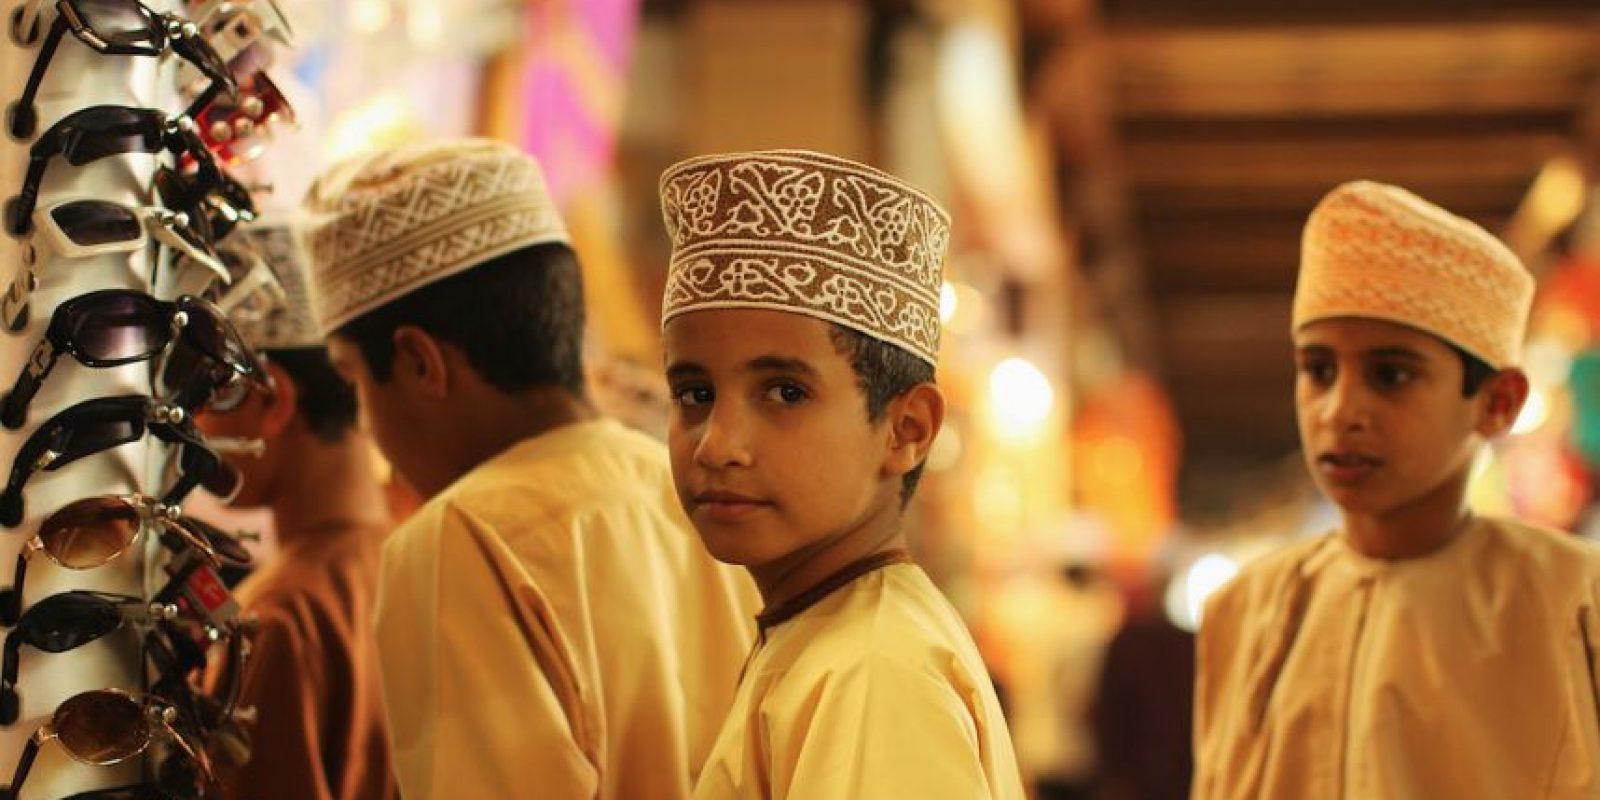 También hay eventos donde no pueden ingresar niños Foto:Getty Images